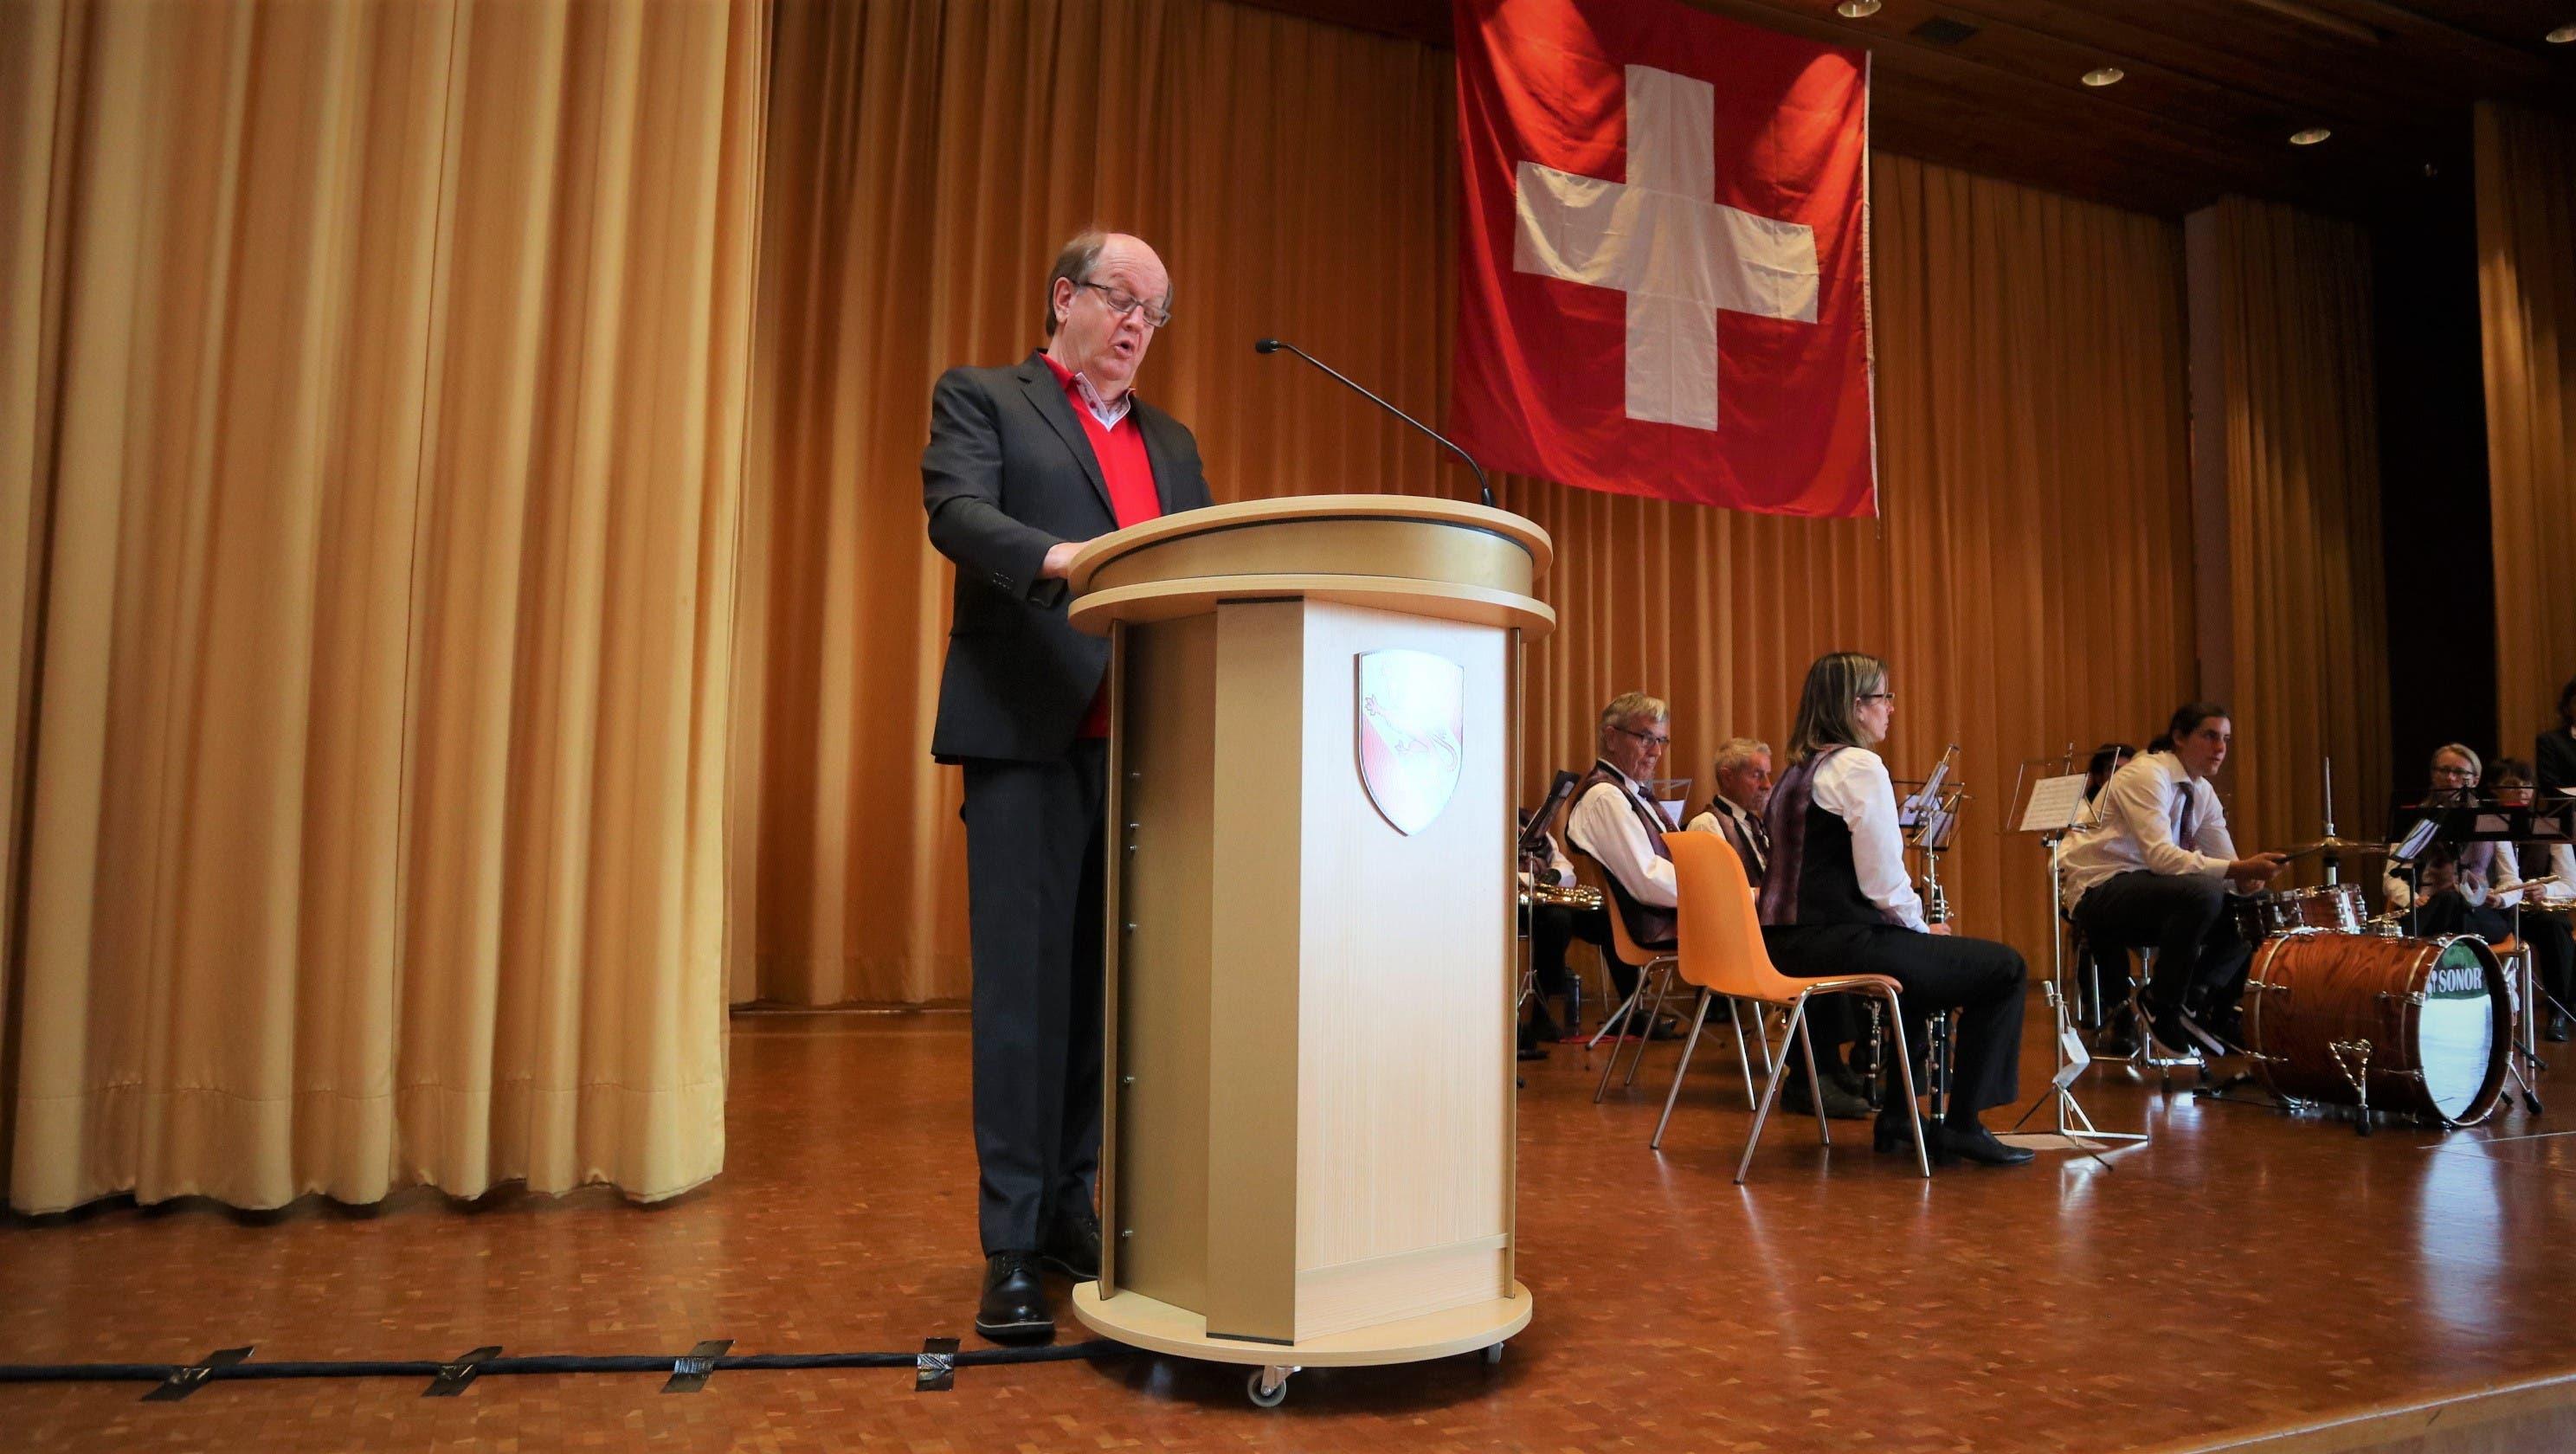 Sprach sich für mehr Freiwilligenarbeit aus: der Uitiker Sozialvorstand Daniel Schwendimann (FDP).